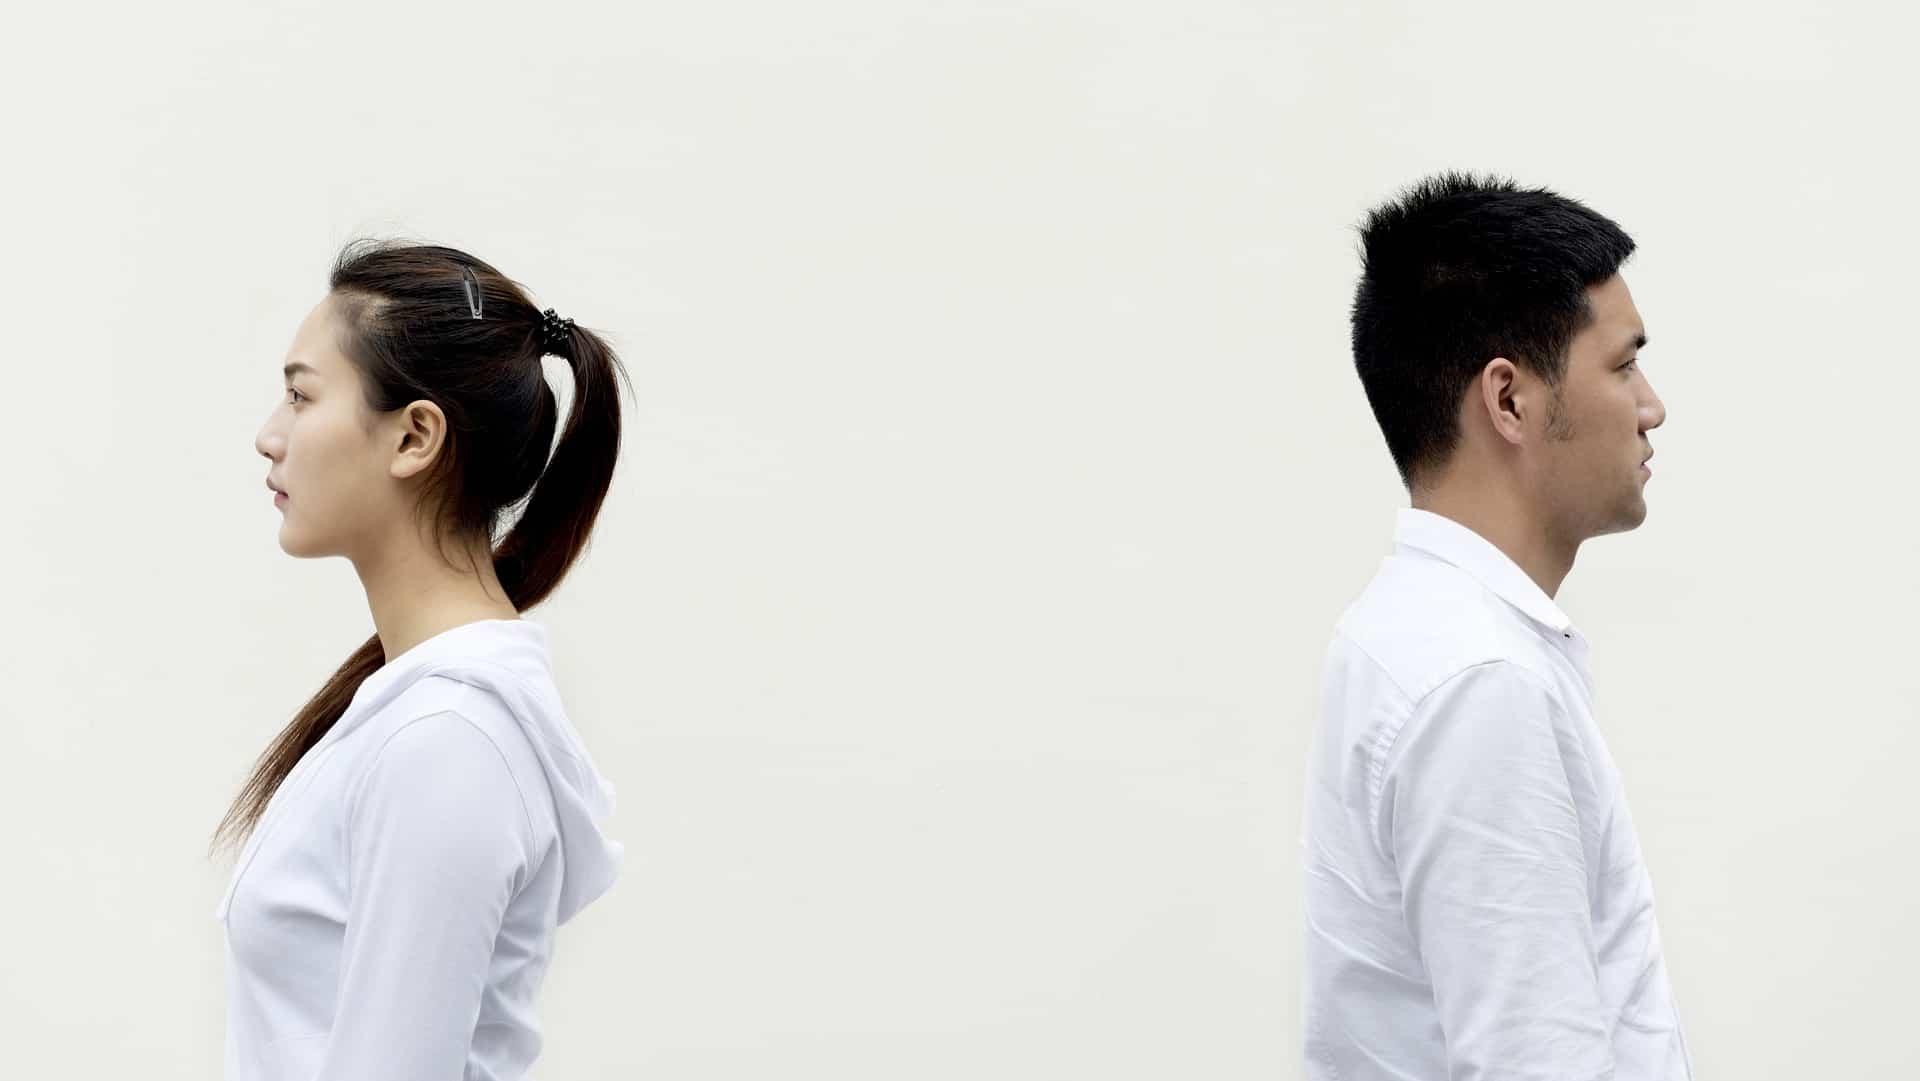 很多丈夫都認為自己的事業重要過太太的事業。